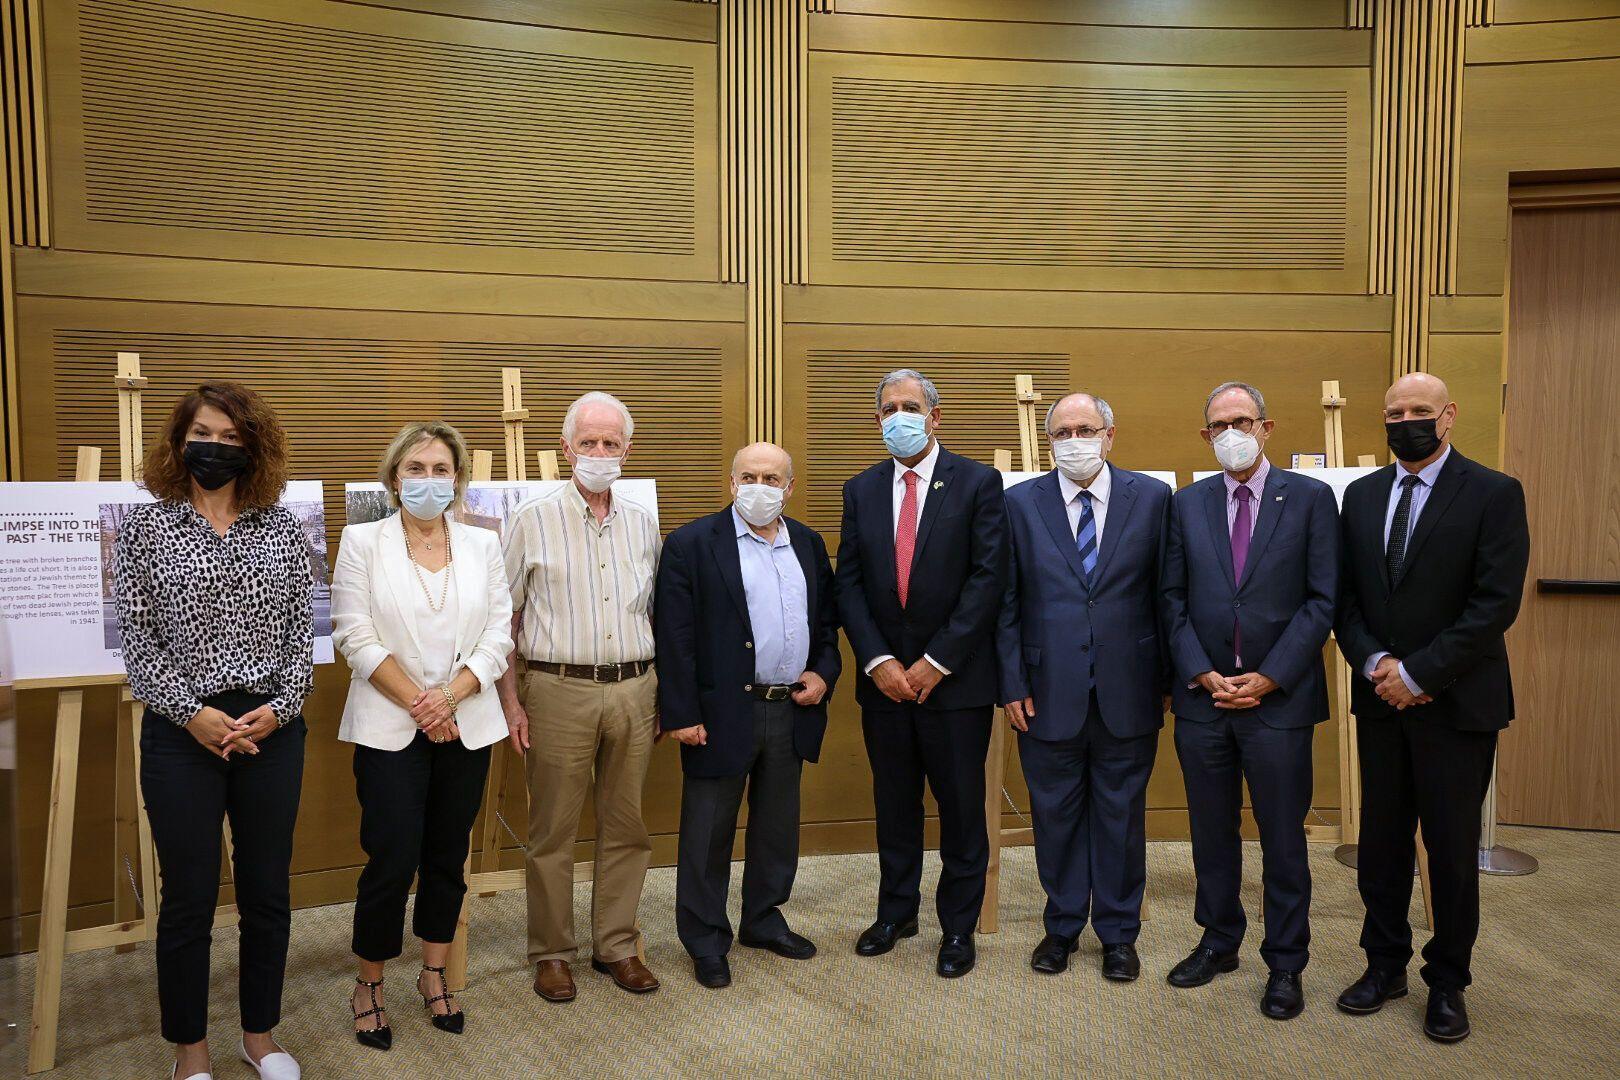 Кнессет Израиля 12 сентября провел торжественное заседание